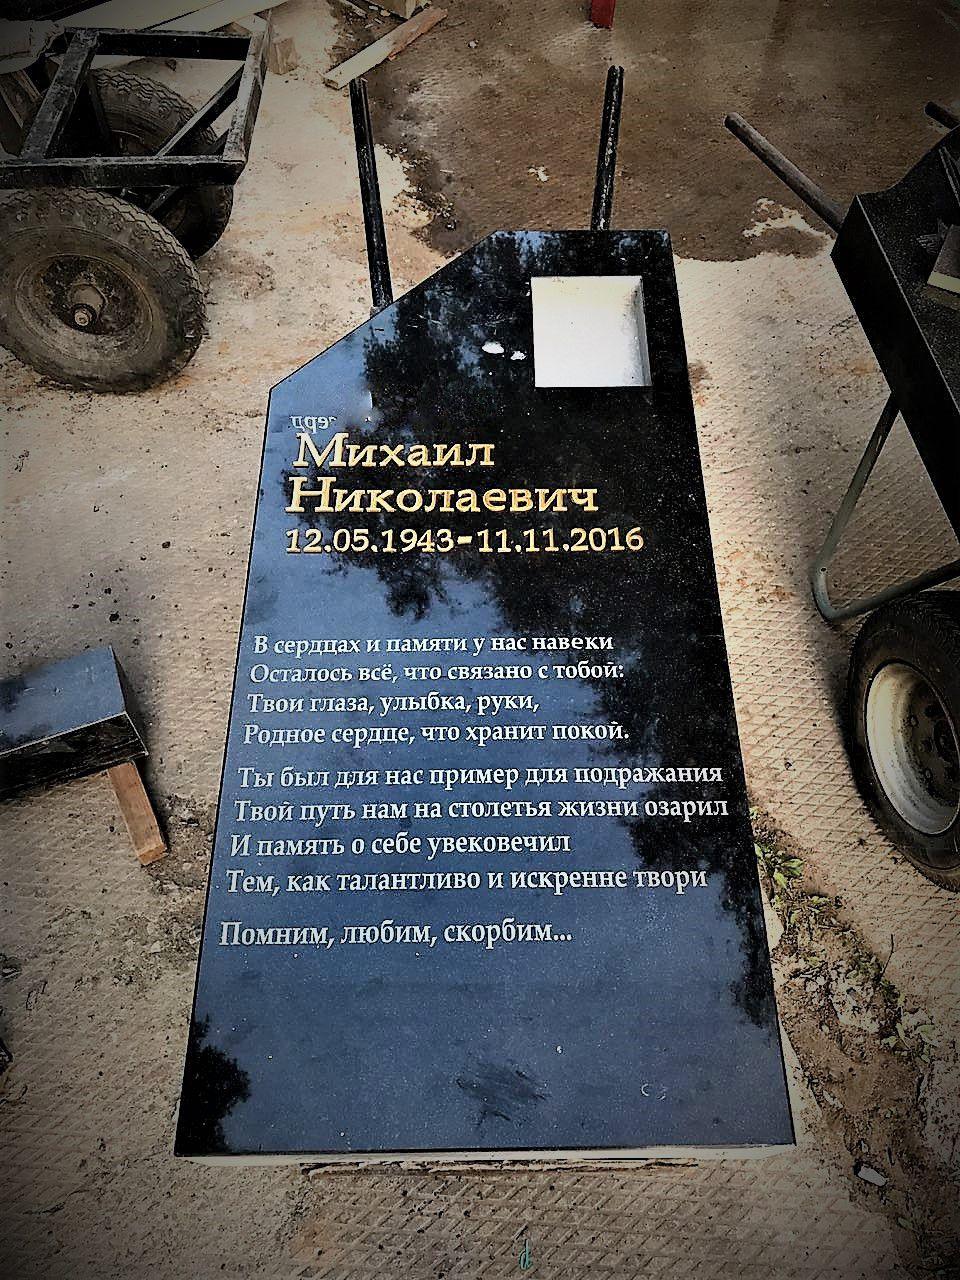 Установлен в УкраинеМемориал